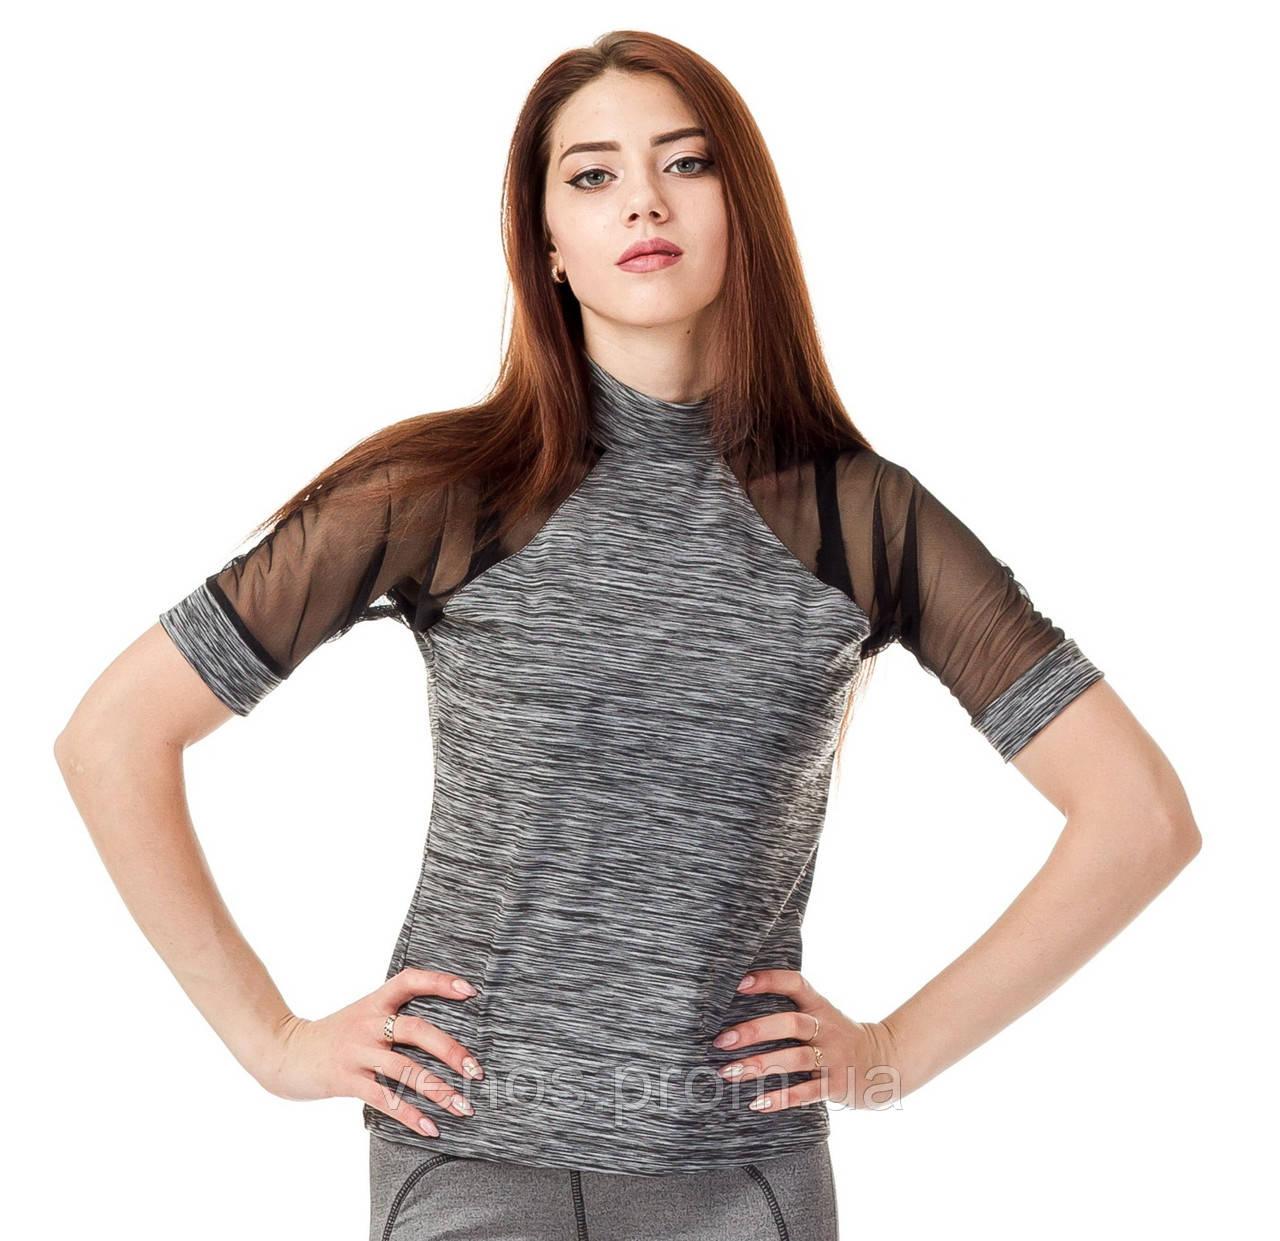 Спортивная женская футболка с сеткой. К083